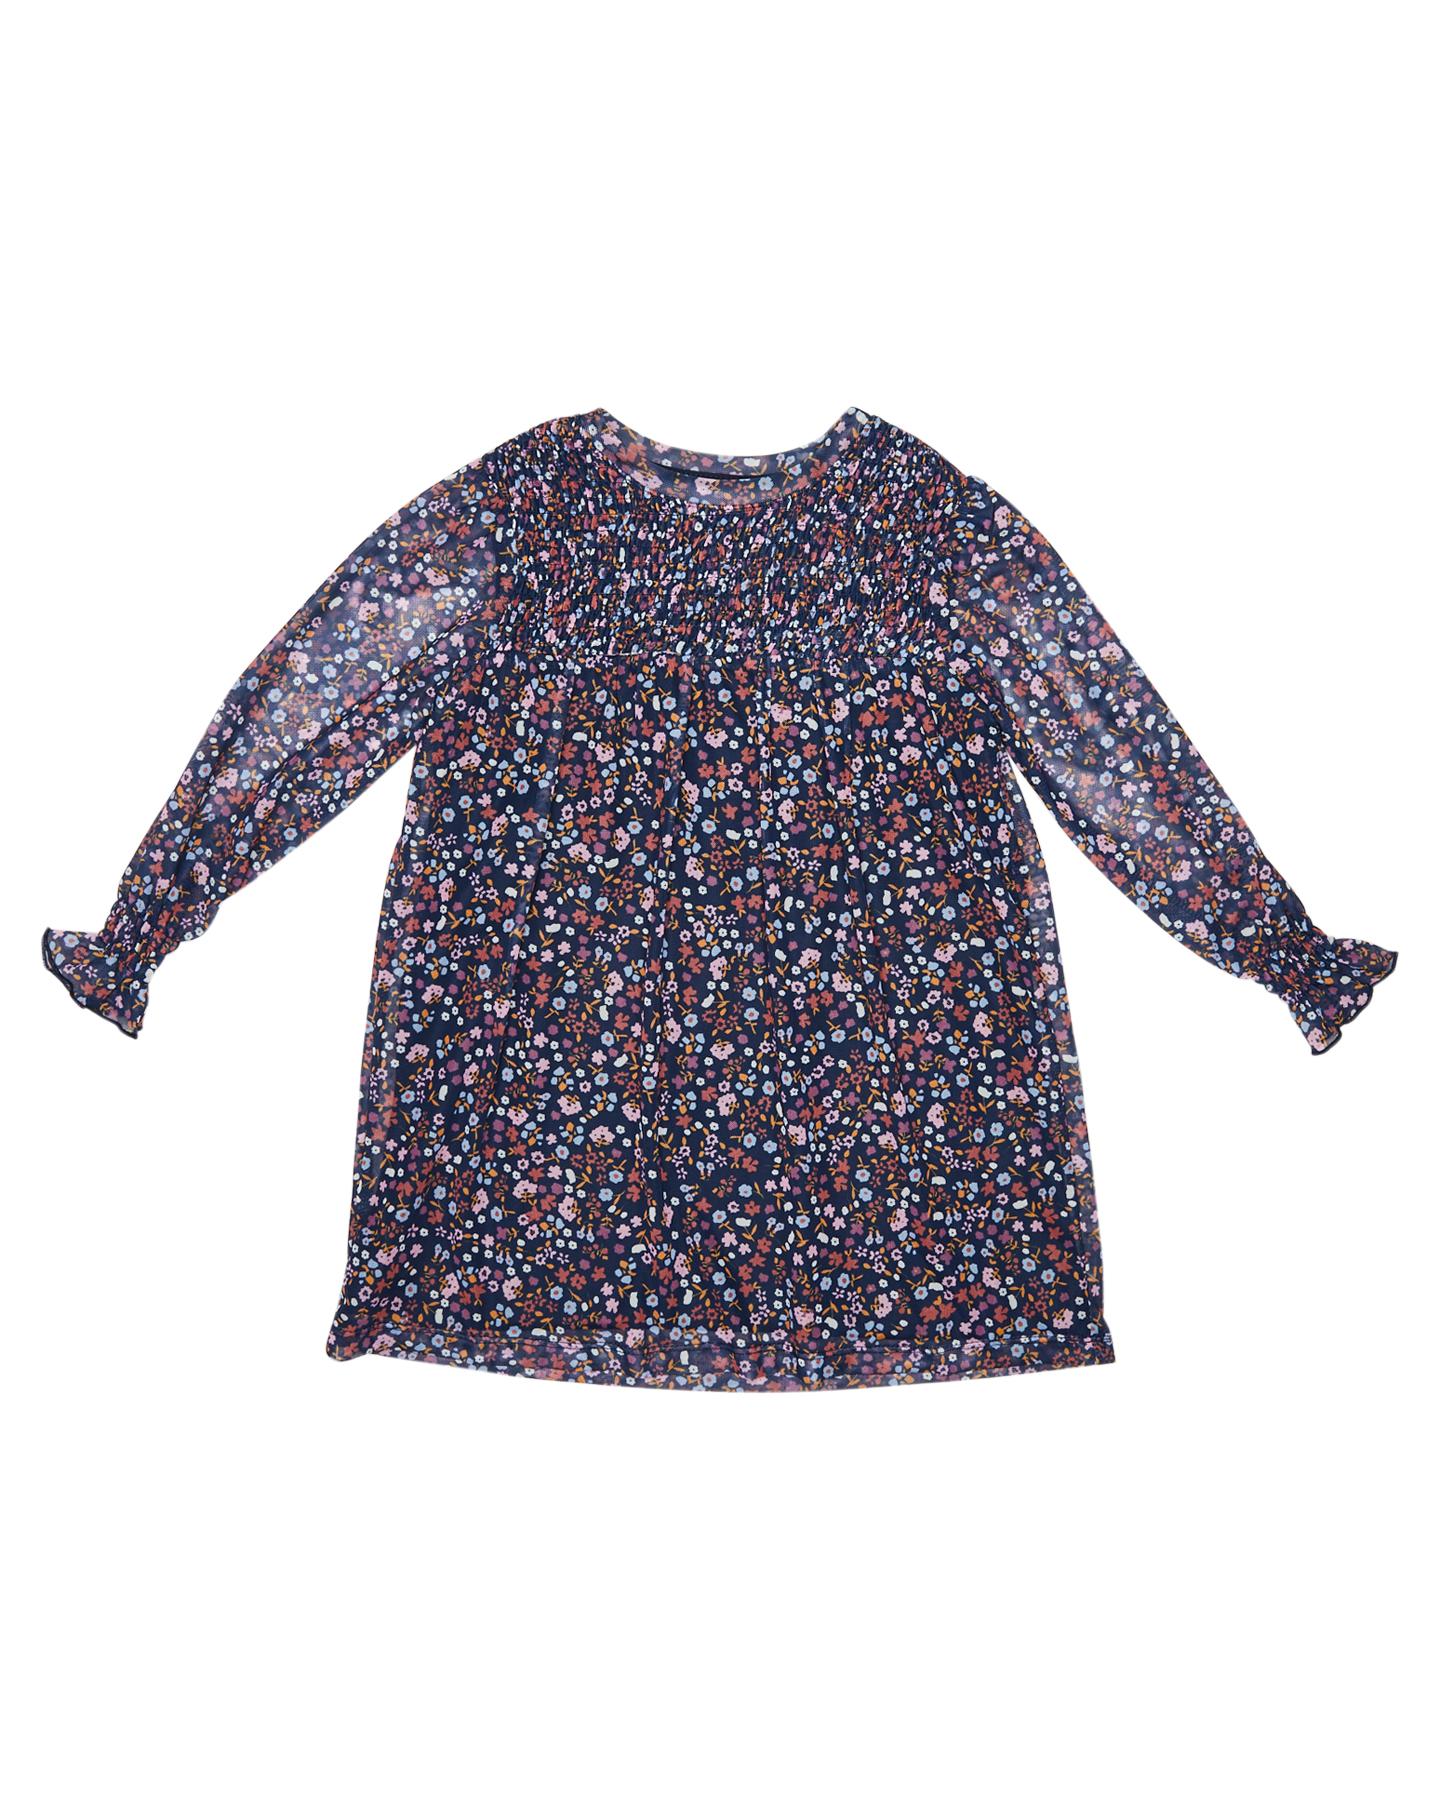 Eves Sister Girls Blossom Mesh Dress - Kids Print